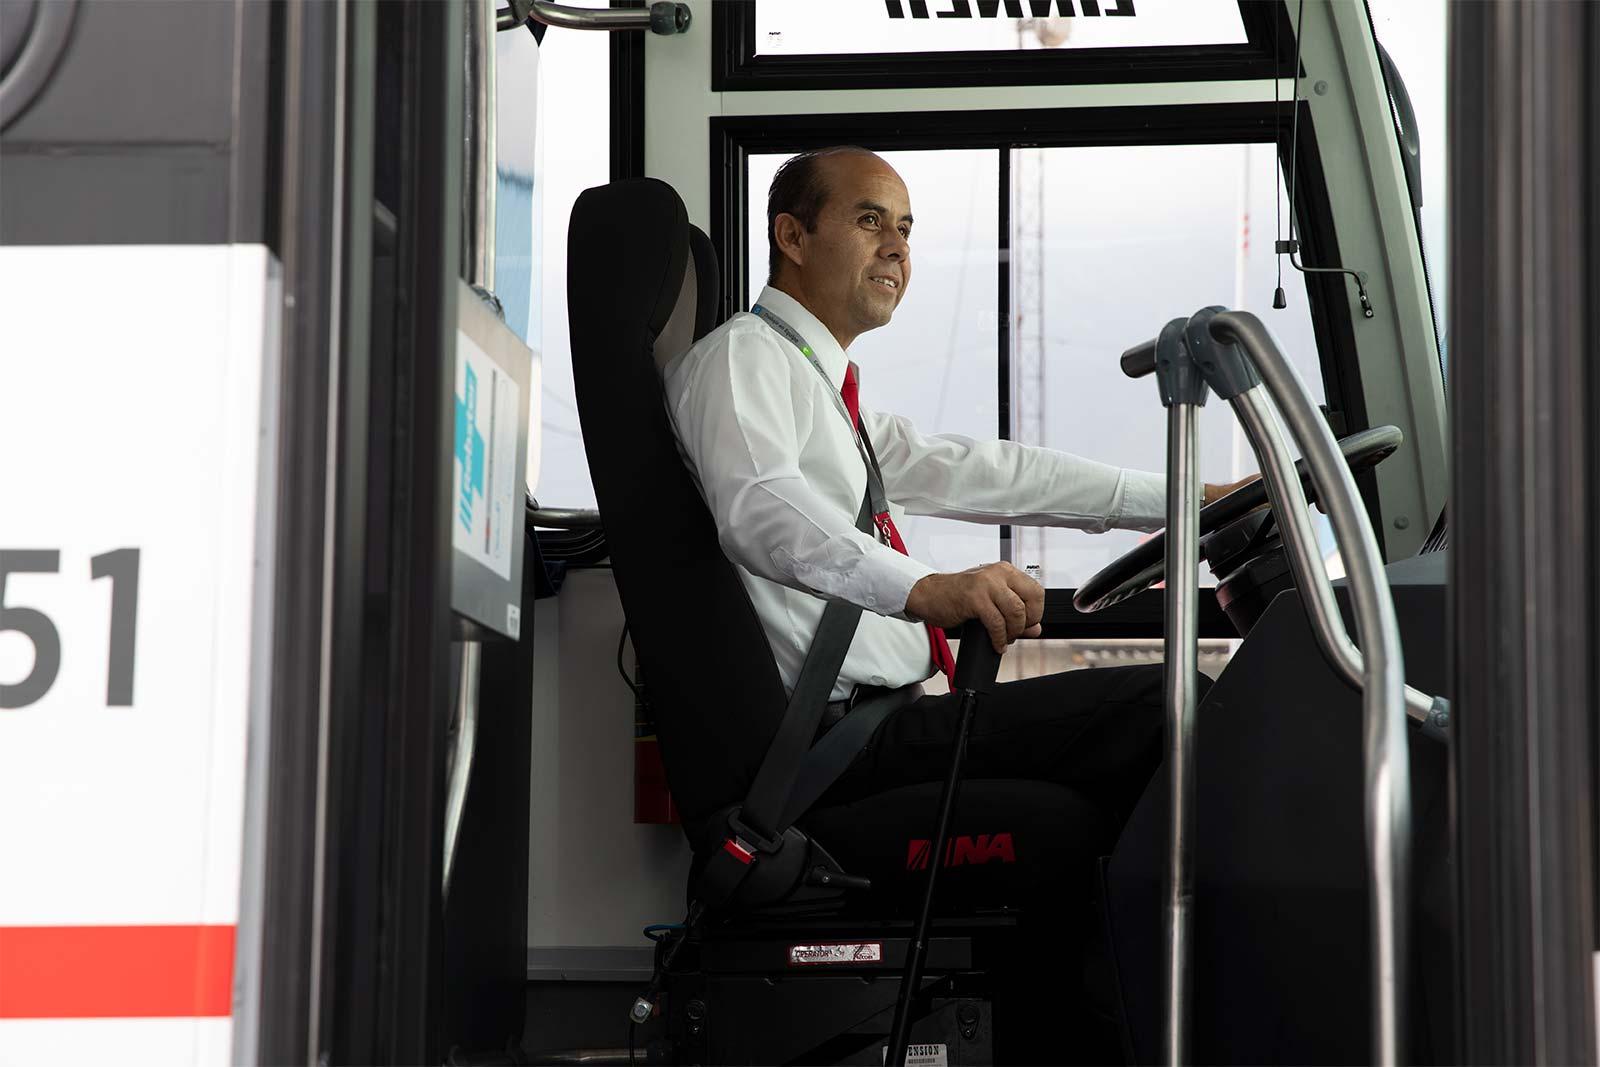 Mejora la productividad de tu empresa con transporte de personal